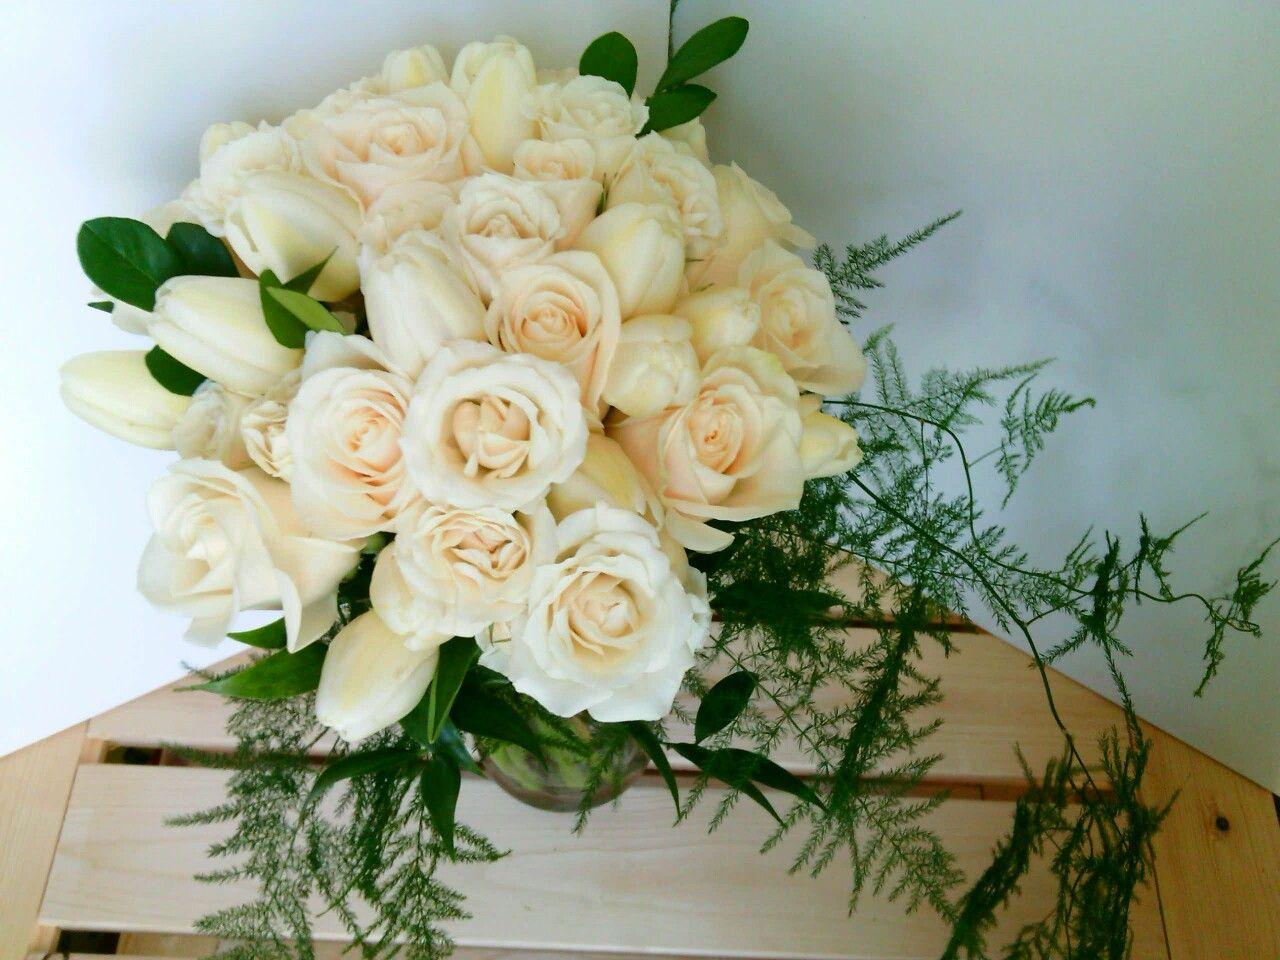 Elegant Wedding Bouquet Featuring Cream Roses White Tulips